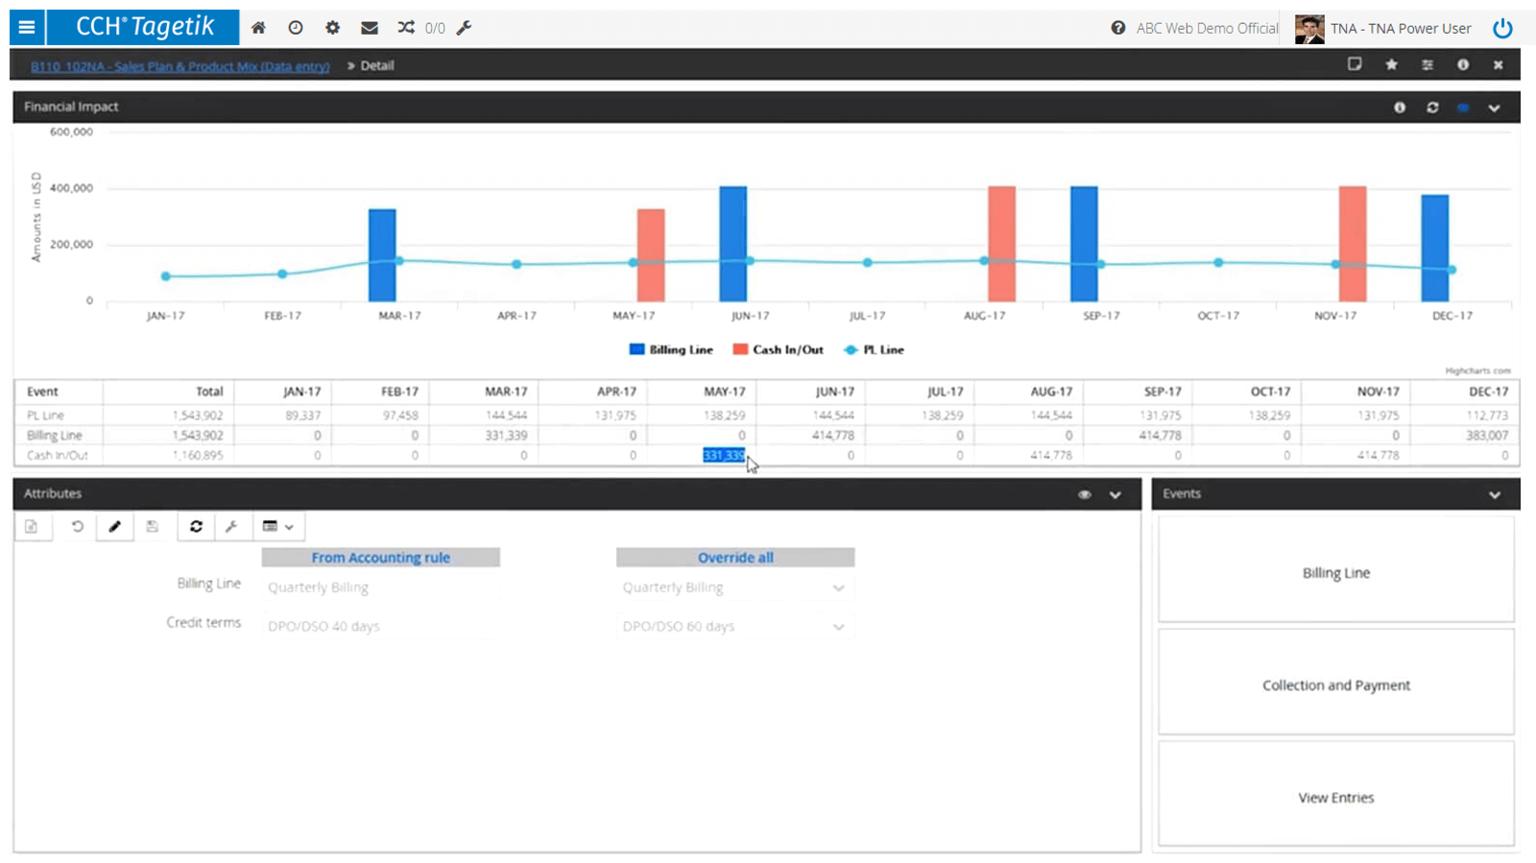 CCH Tagetik Cash Flow Planning Analysis